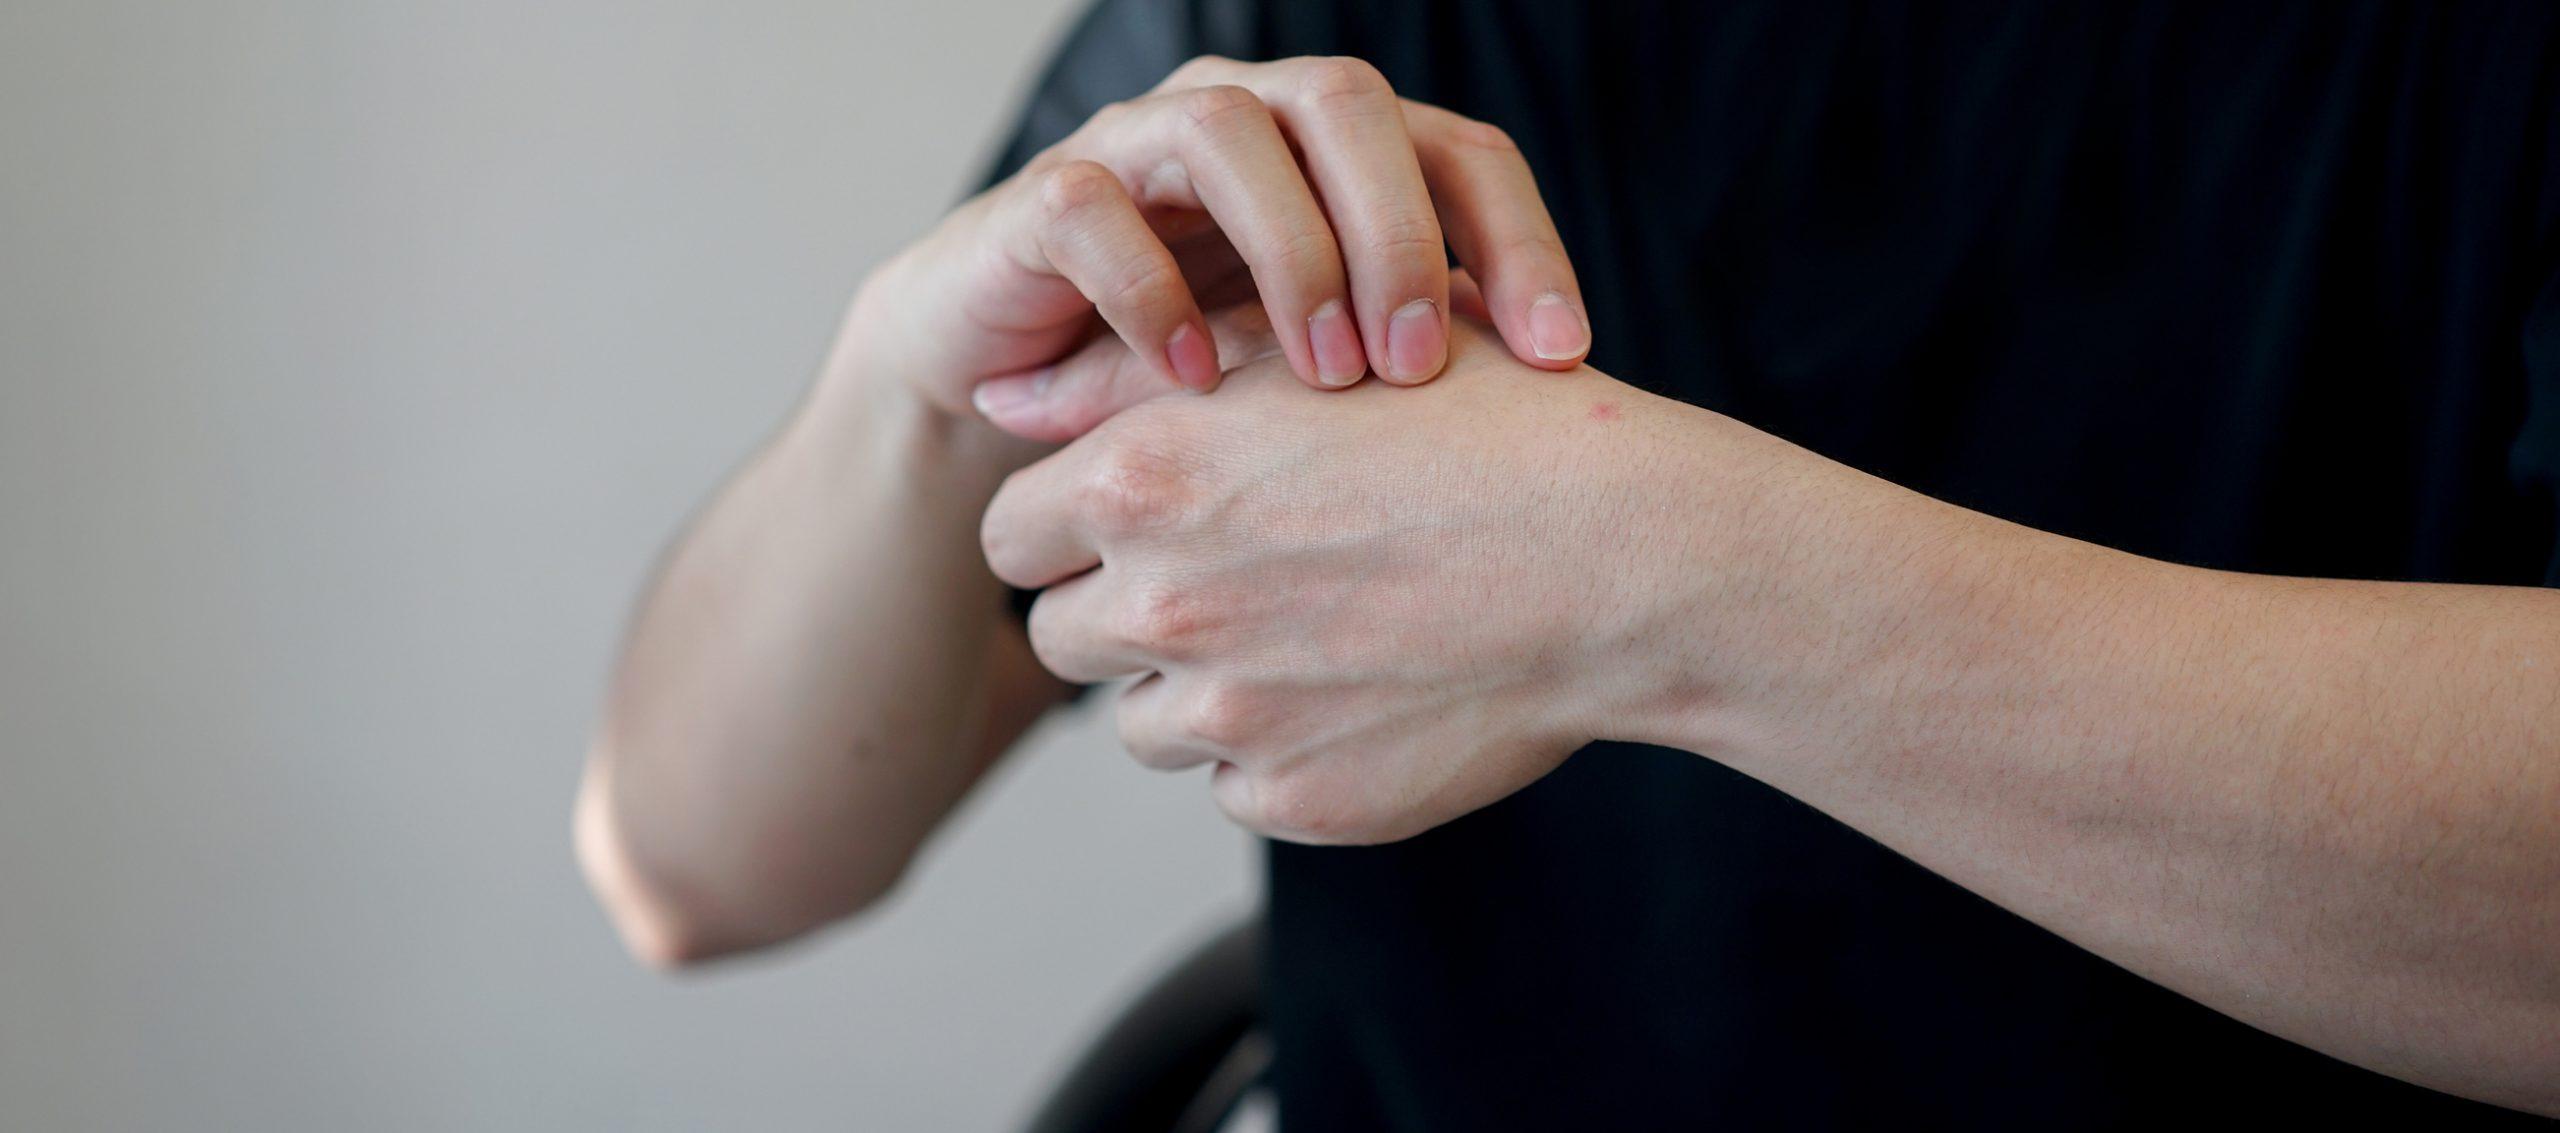 herpès main